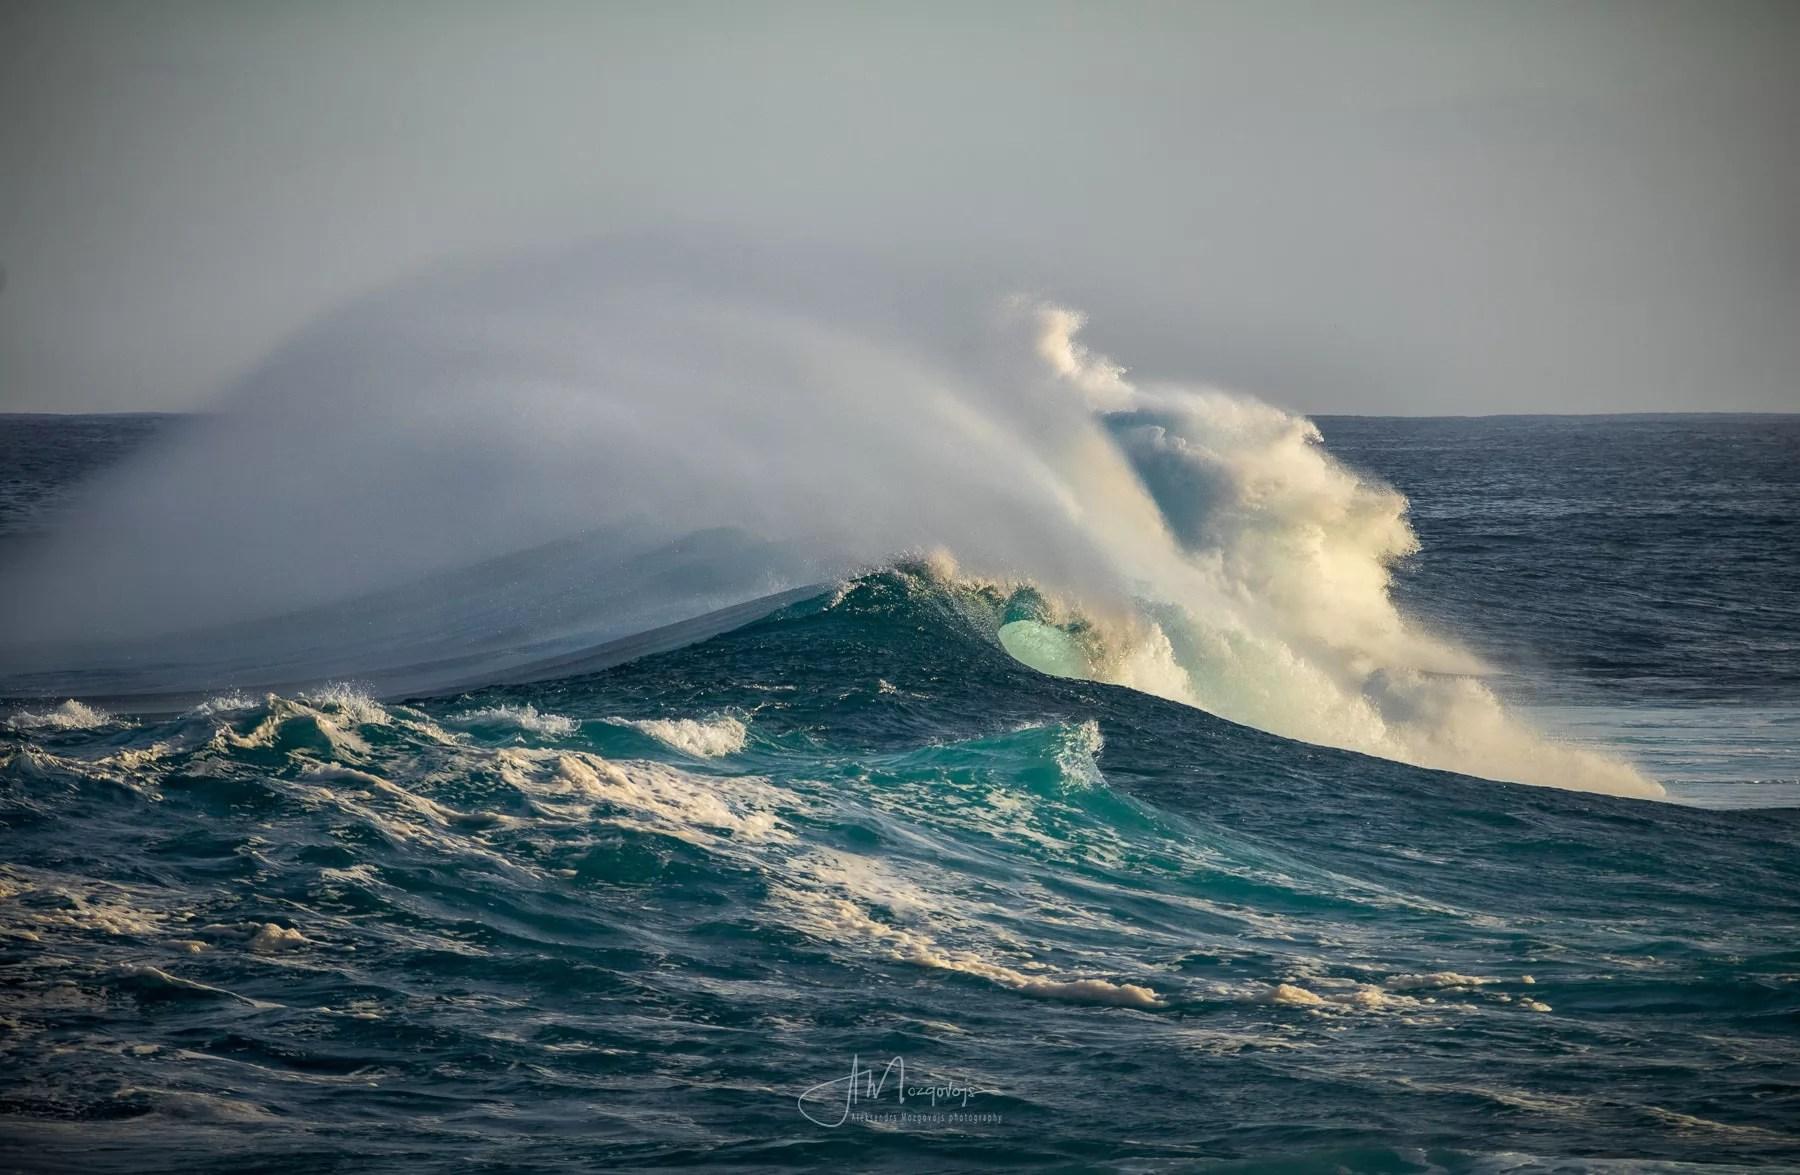 Massive ocean wave